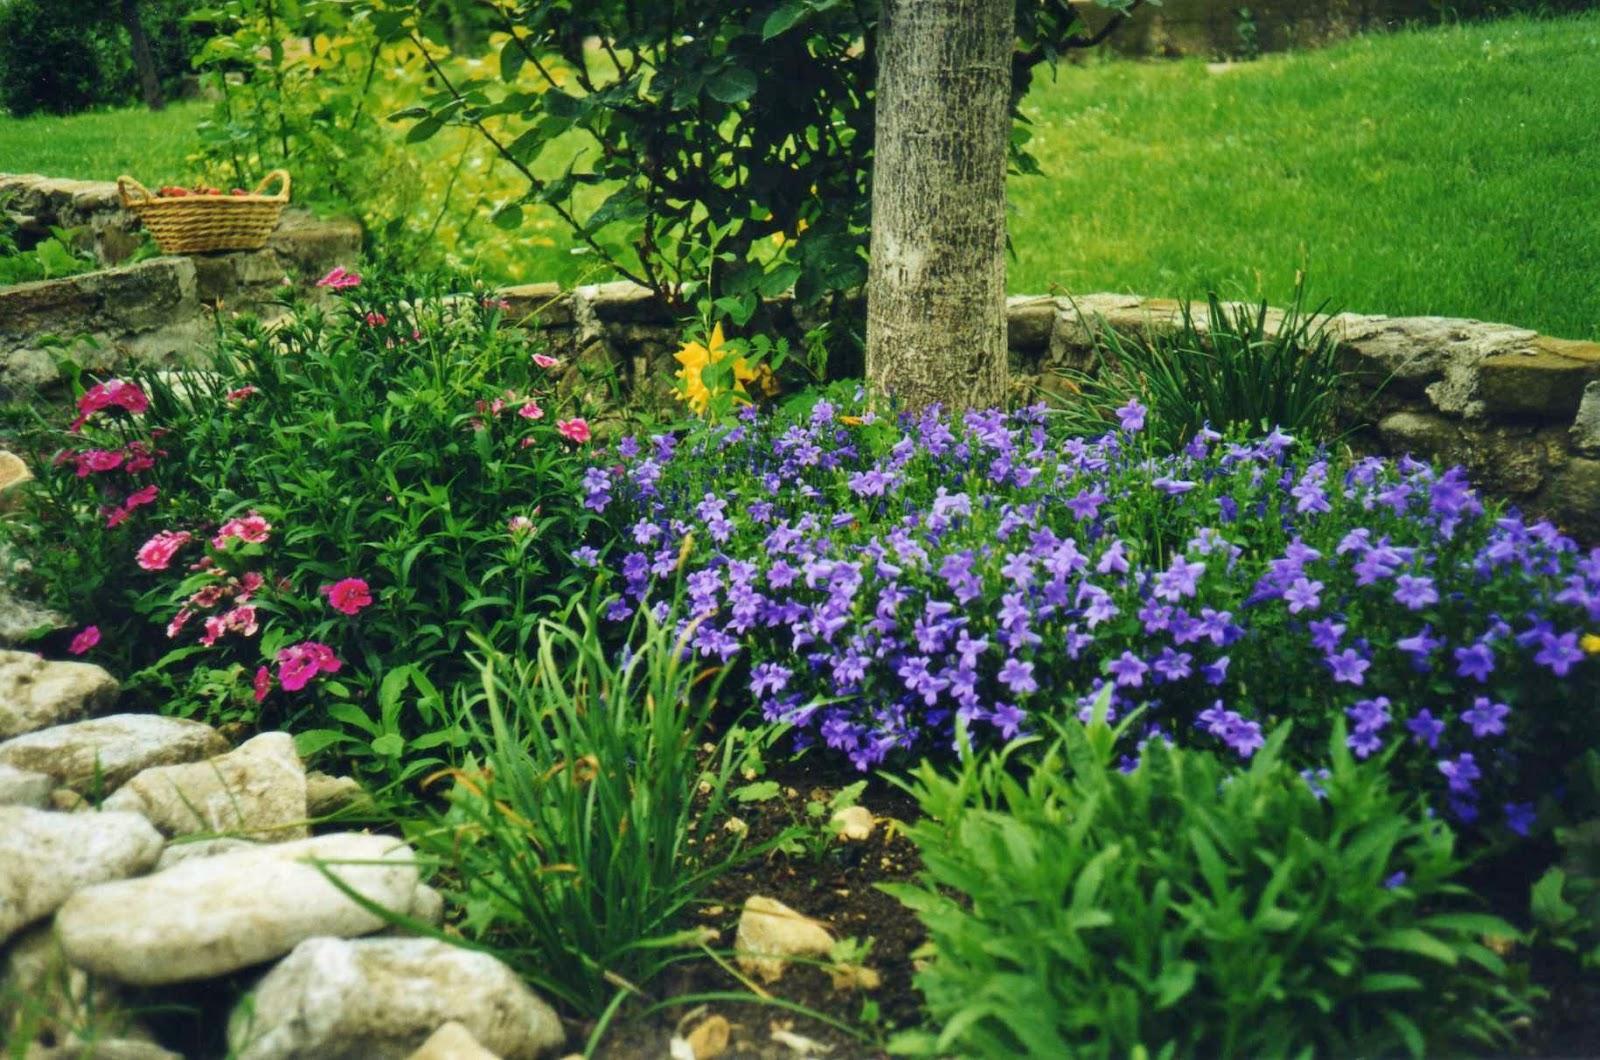 La granja di adriana fiori e piante in giardino e in casa for Piante e fiori